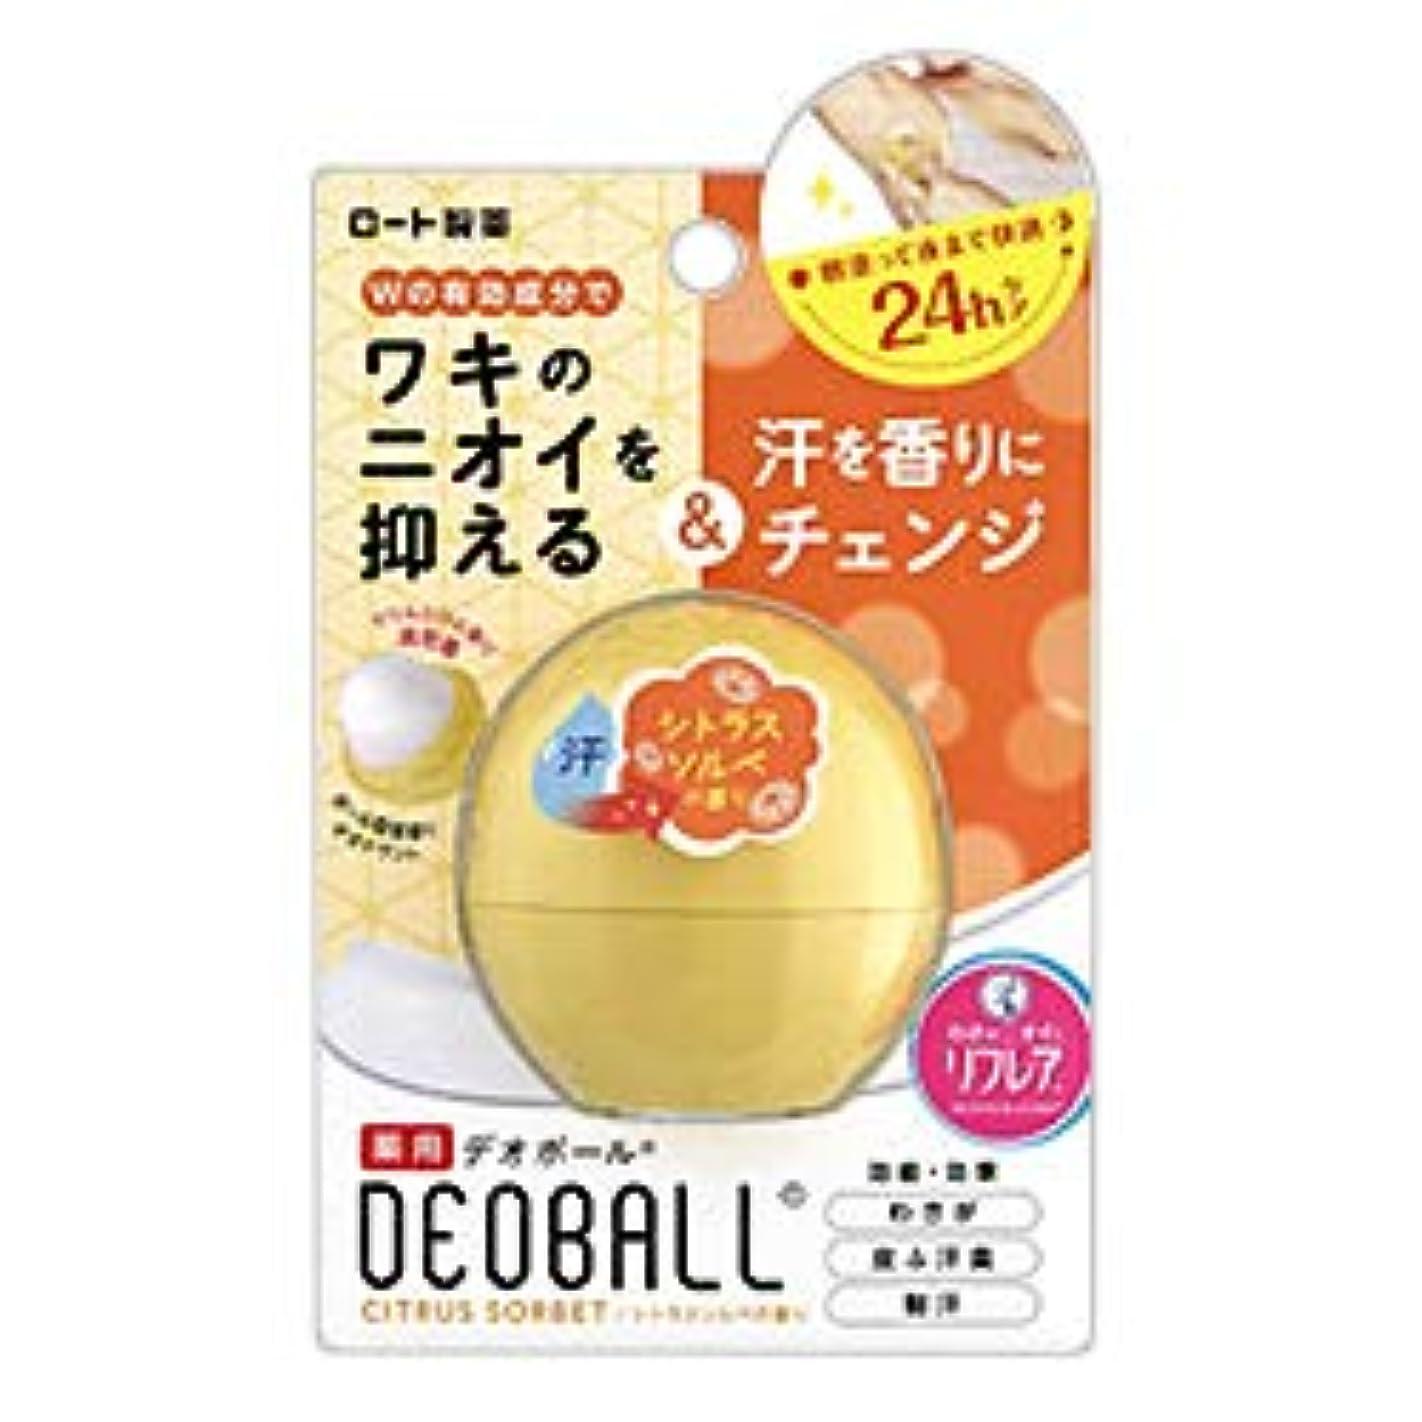 カテナトランザクションミサイル【ロート製薬】デオボール シトラスソルベの香り(黄) 15g(医薬部以外品) ×10個セット